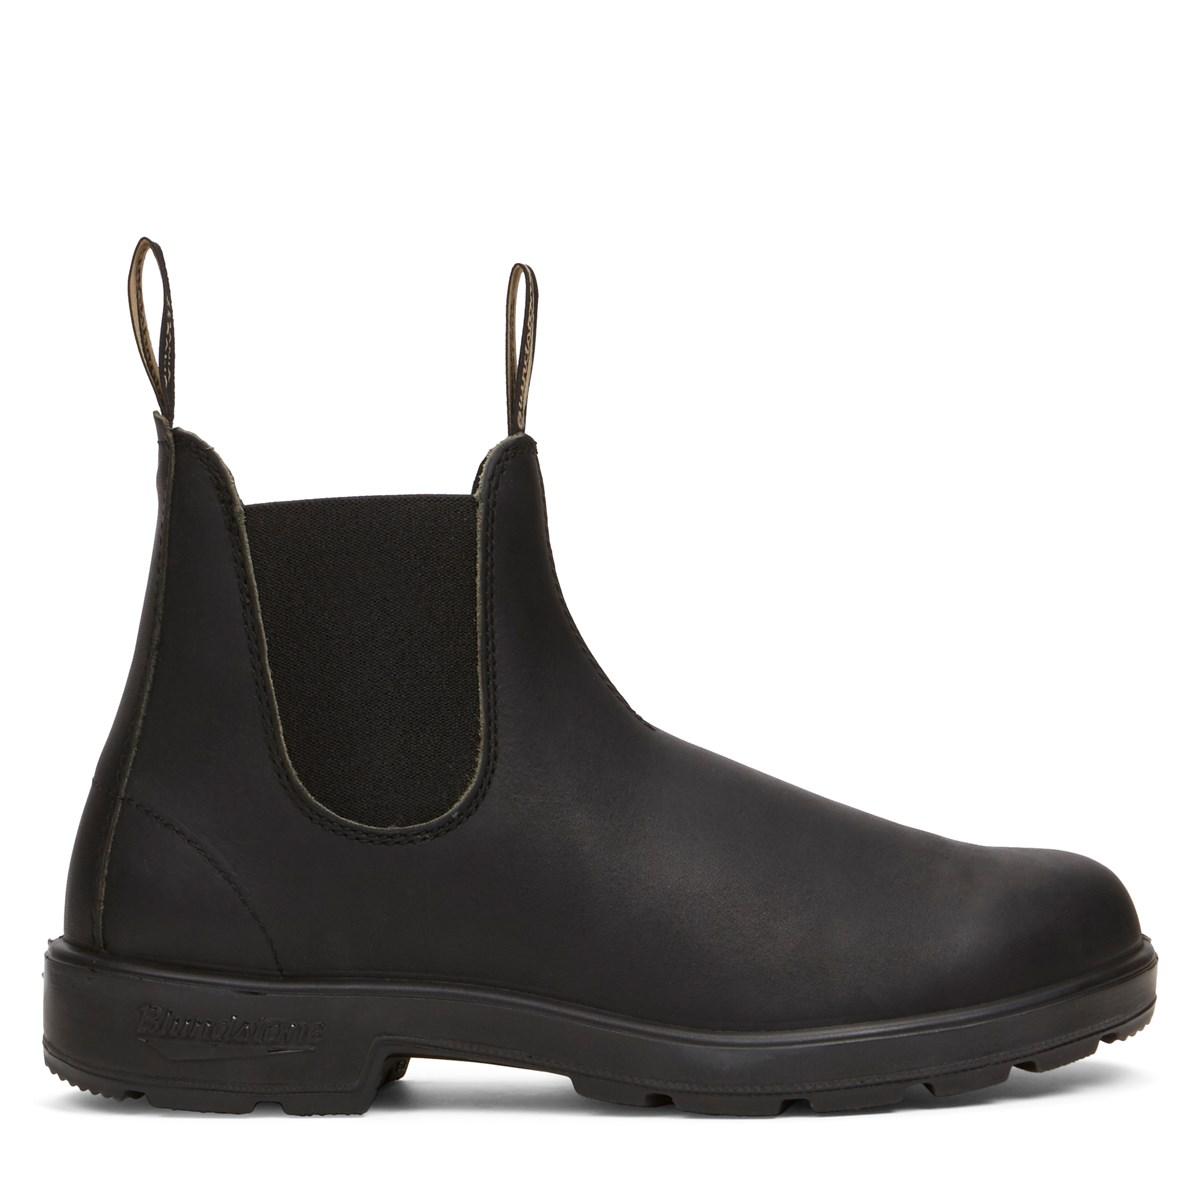 Men's Original Chelsea Boots in Black